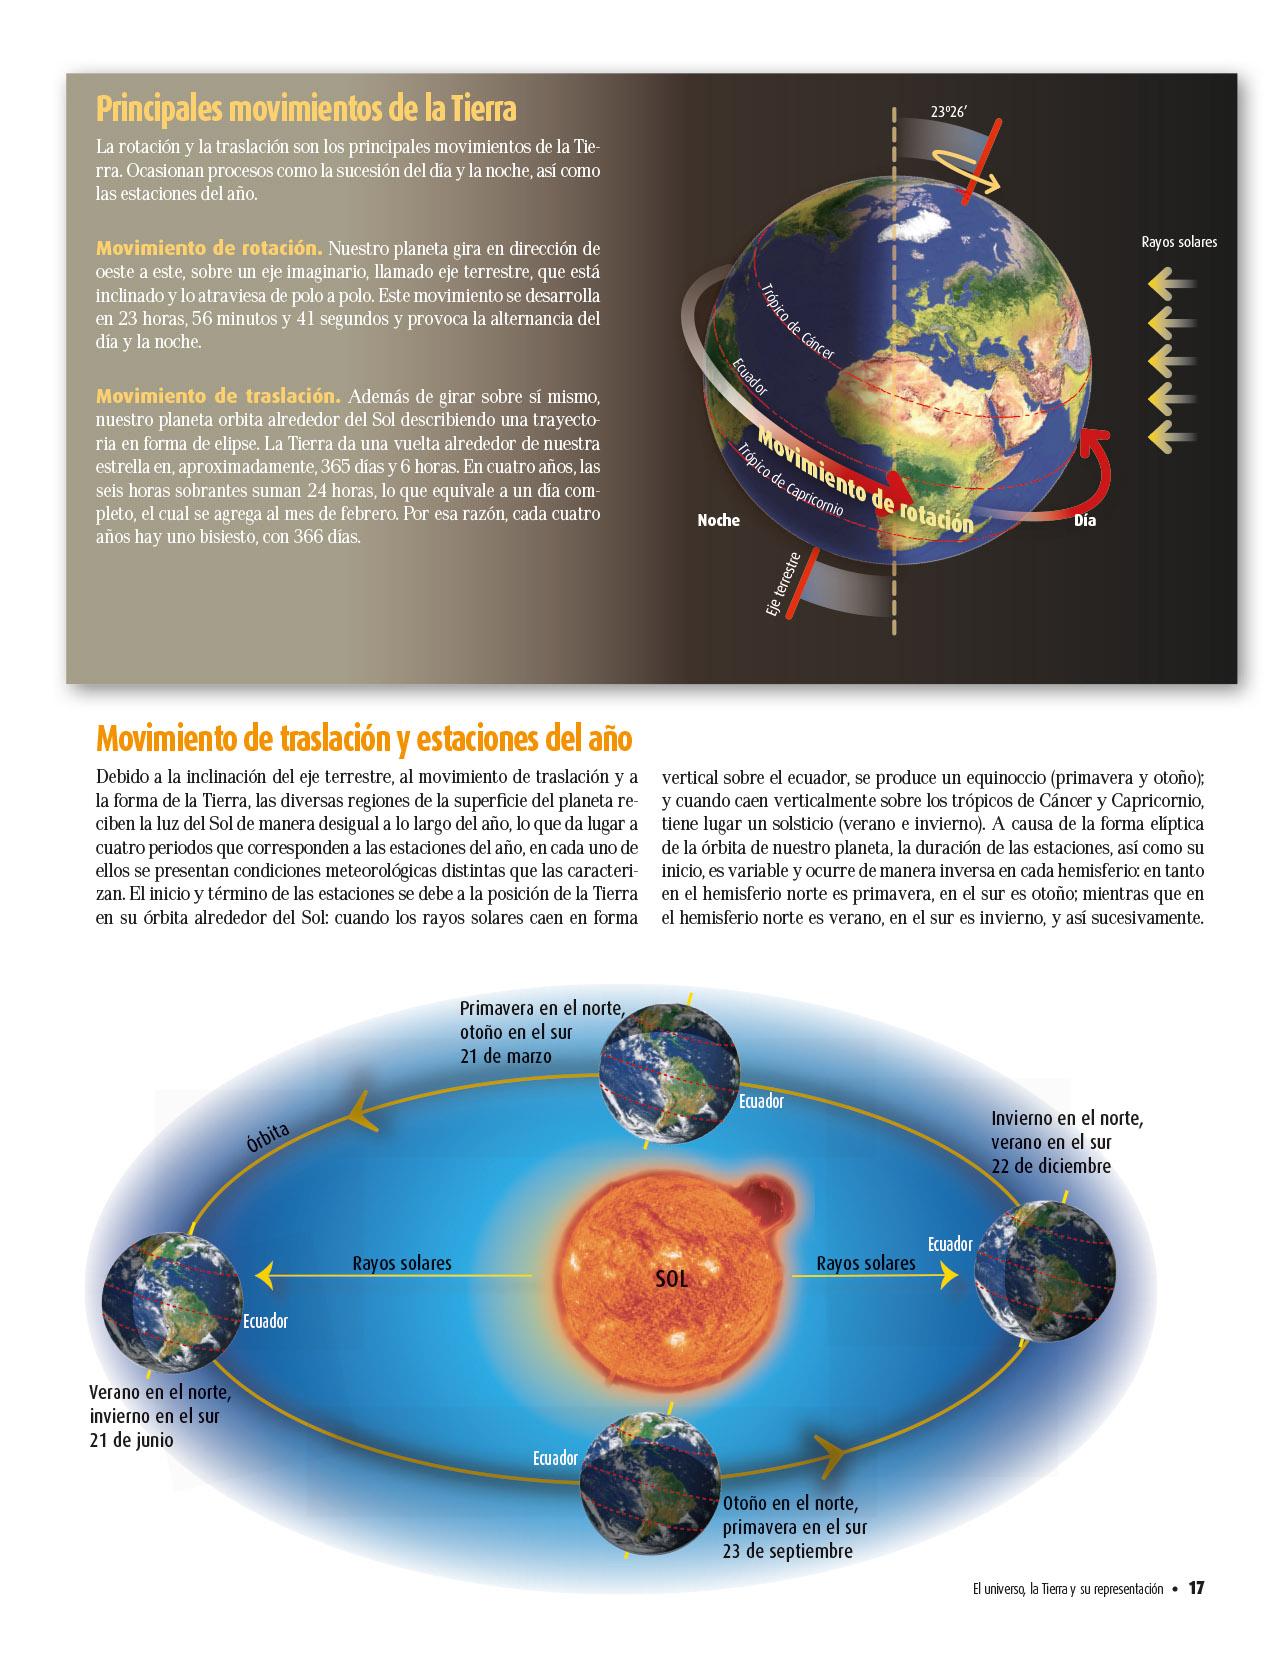 Atlas del Mundo Quinto grado 2020-2021 - Página 17 de 121 ...